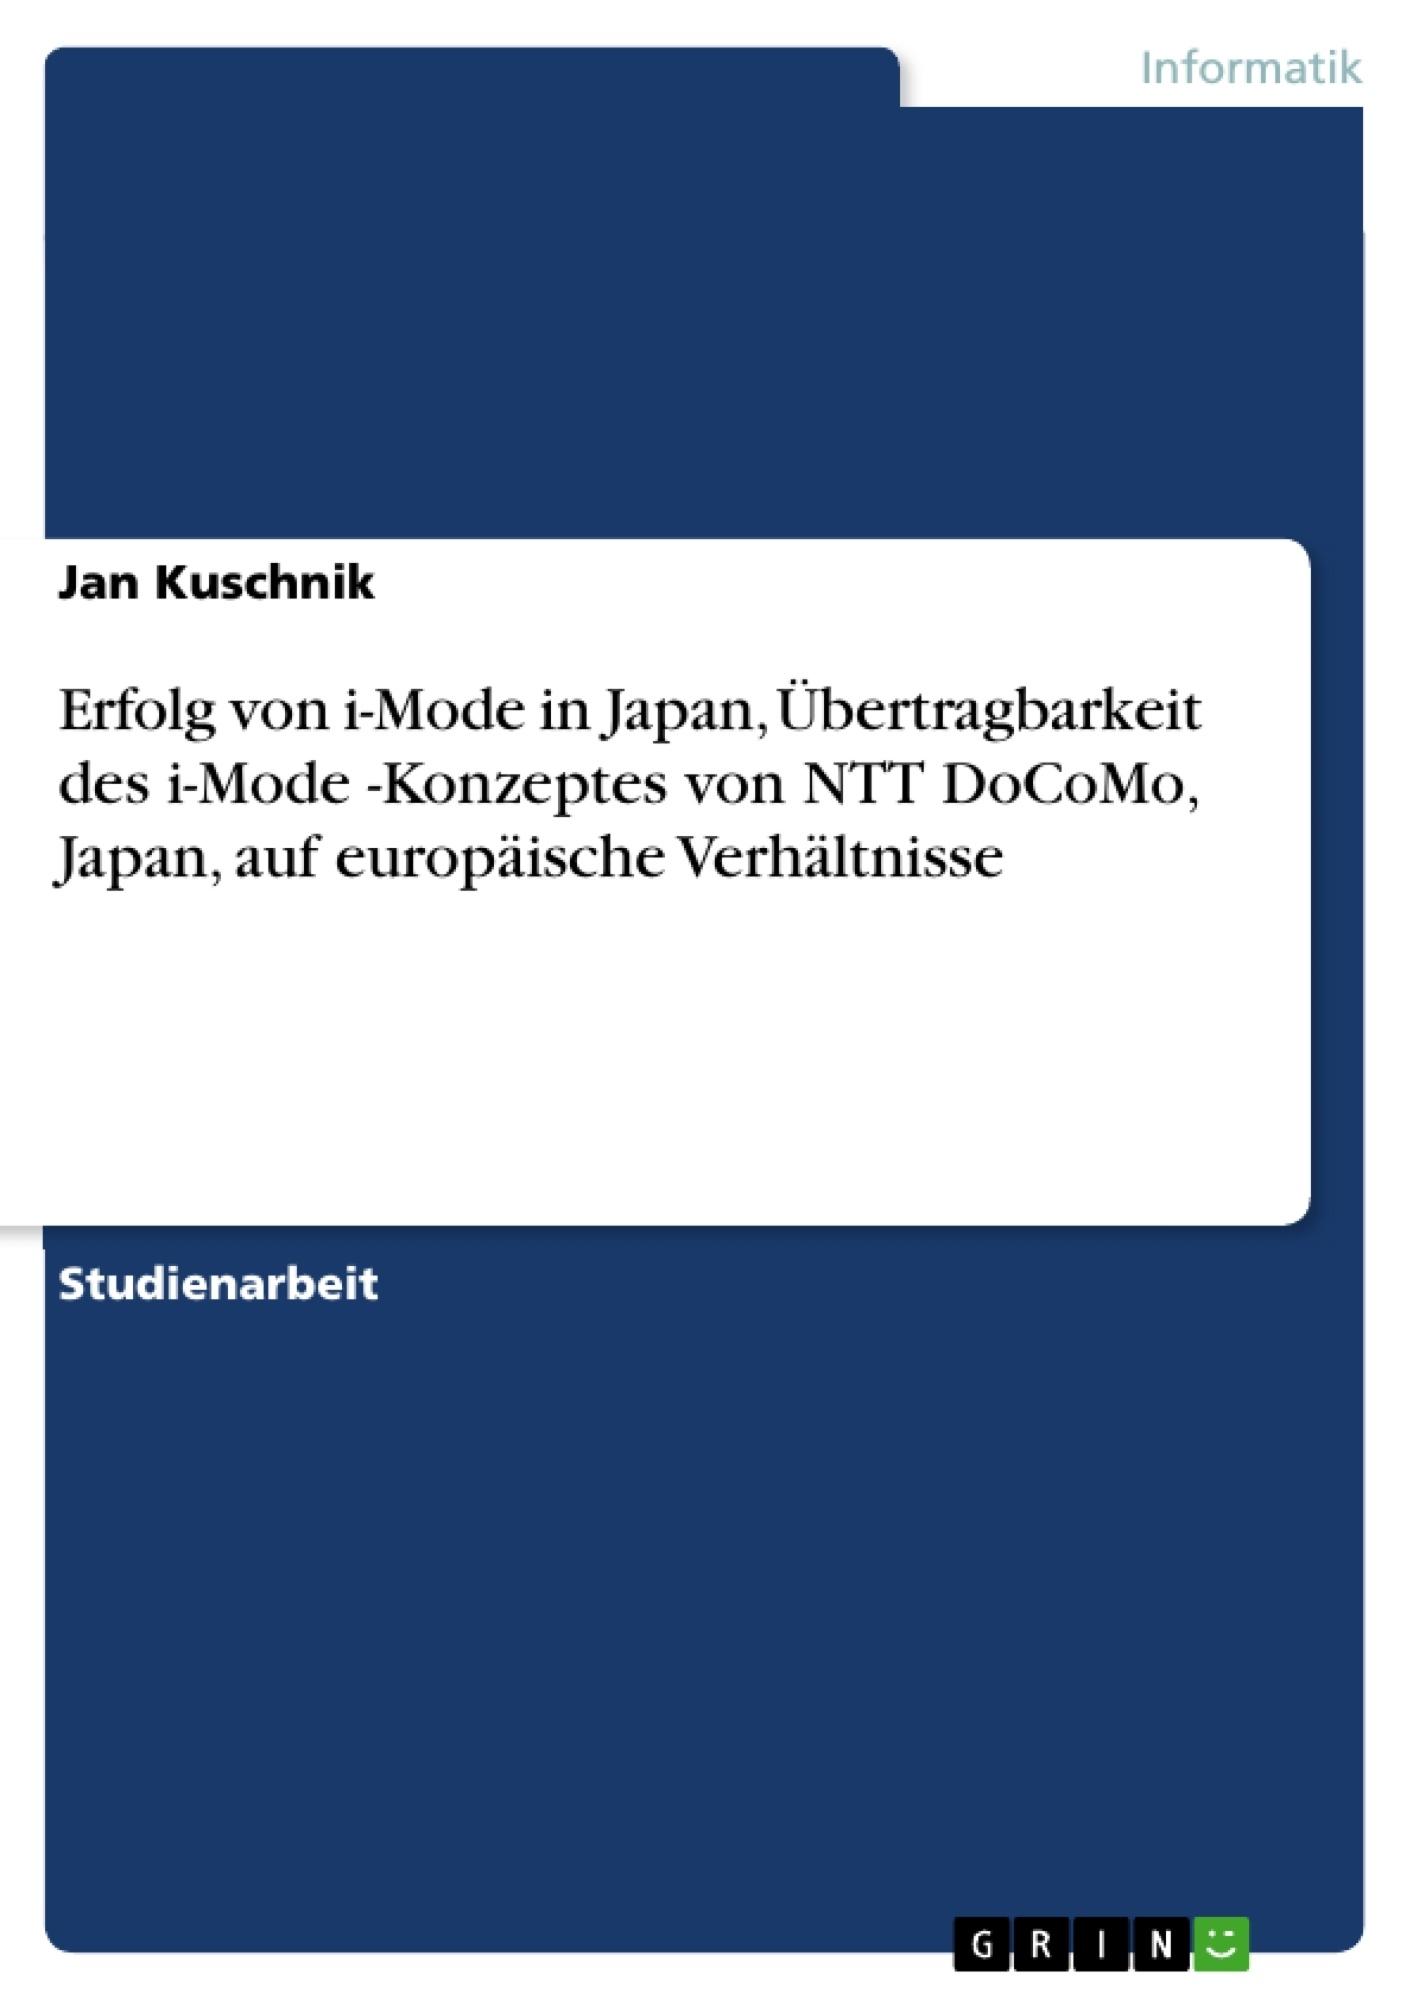 Titel: Erfolg von i-Mode in Japan, Übertragbarkeit des  i-Mode -Konzeptes von NTT DoCoMo, Japan, auf europäische Verhältnisse